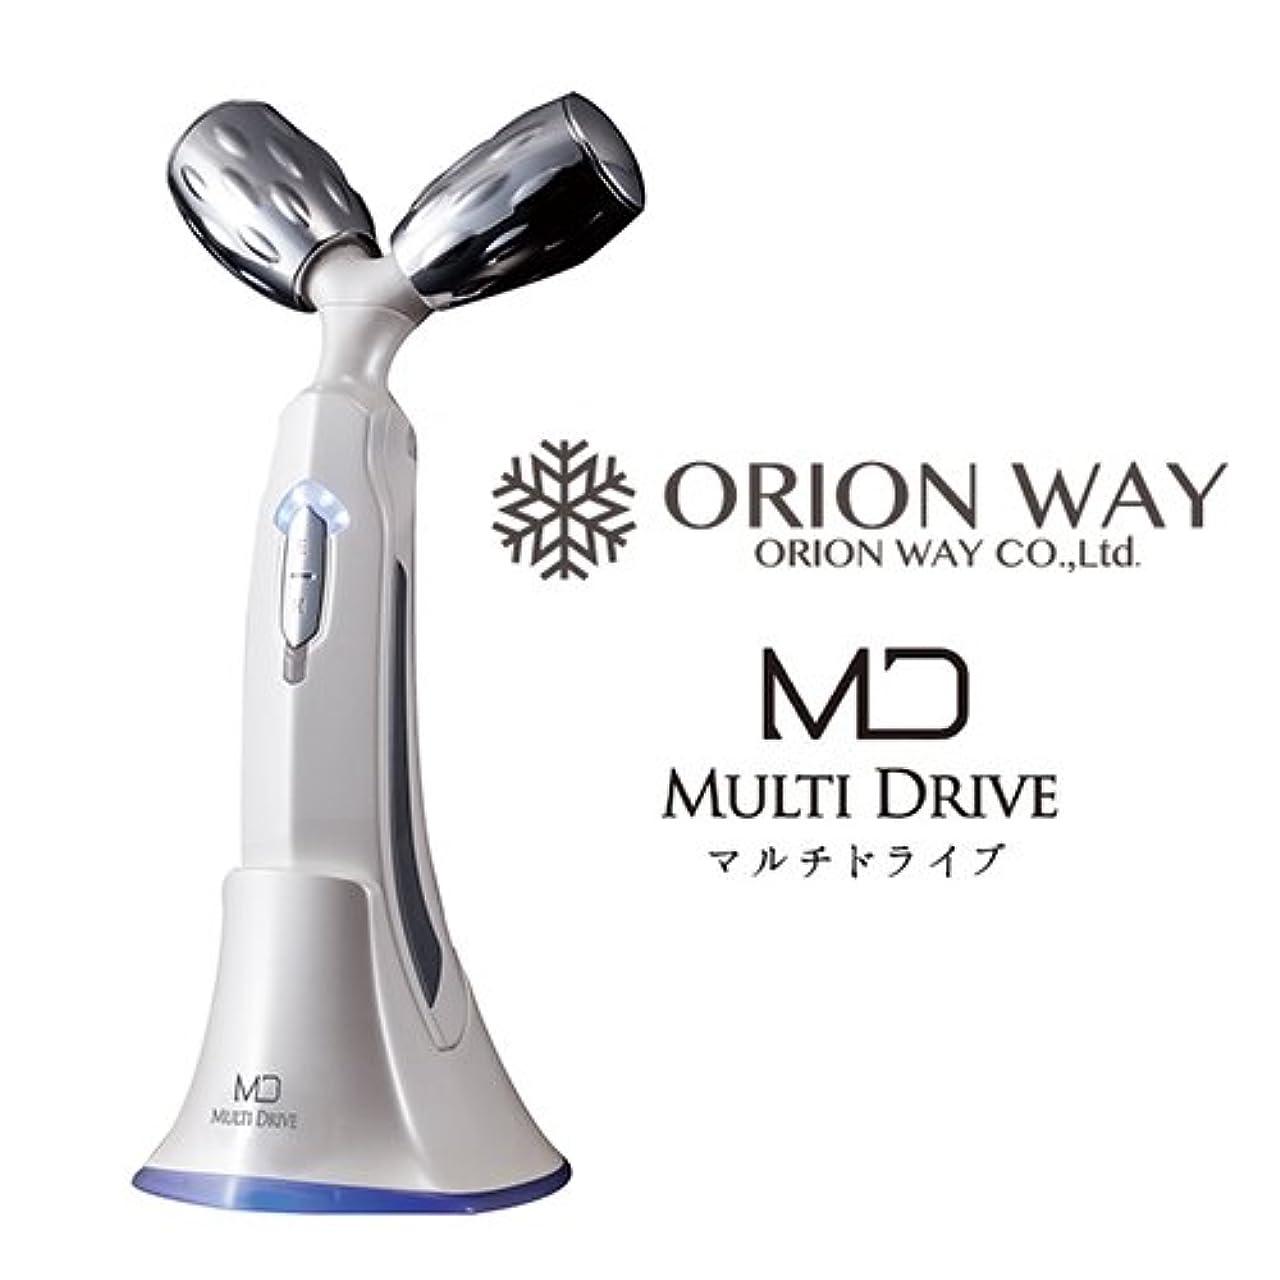 はい着実に徹底的に美容機器 MULTI DRIVE (マルチドライブ)